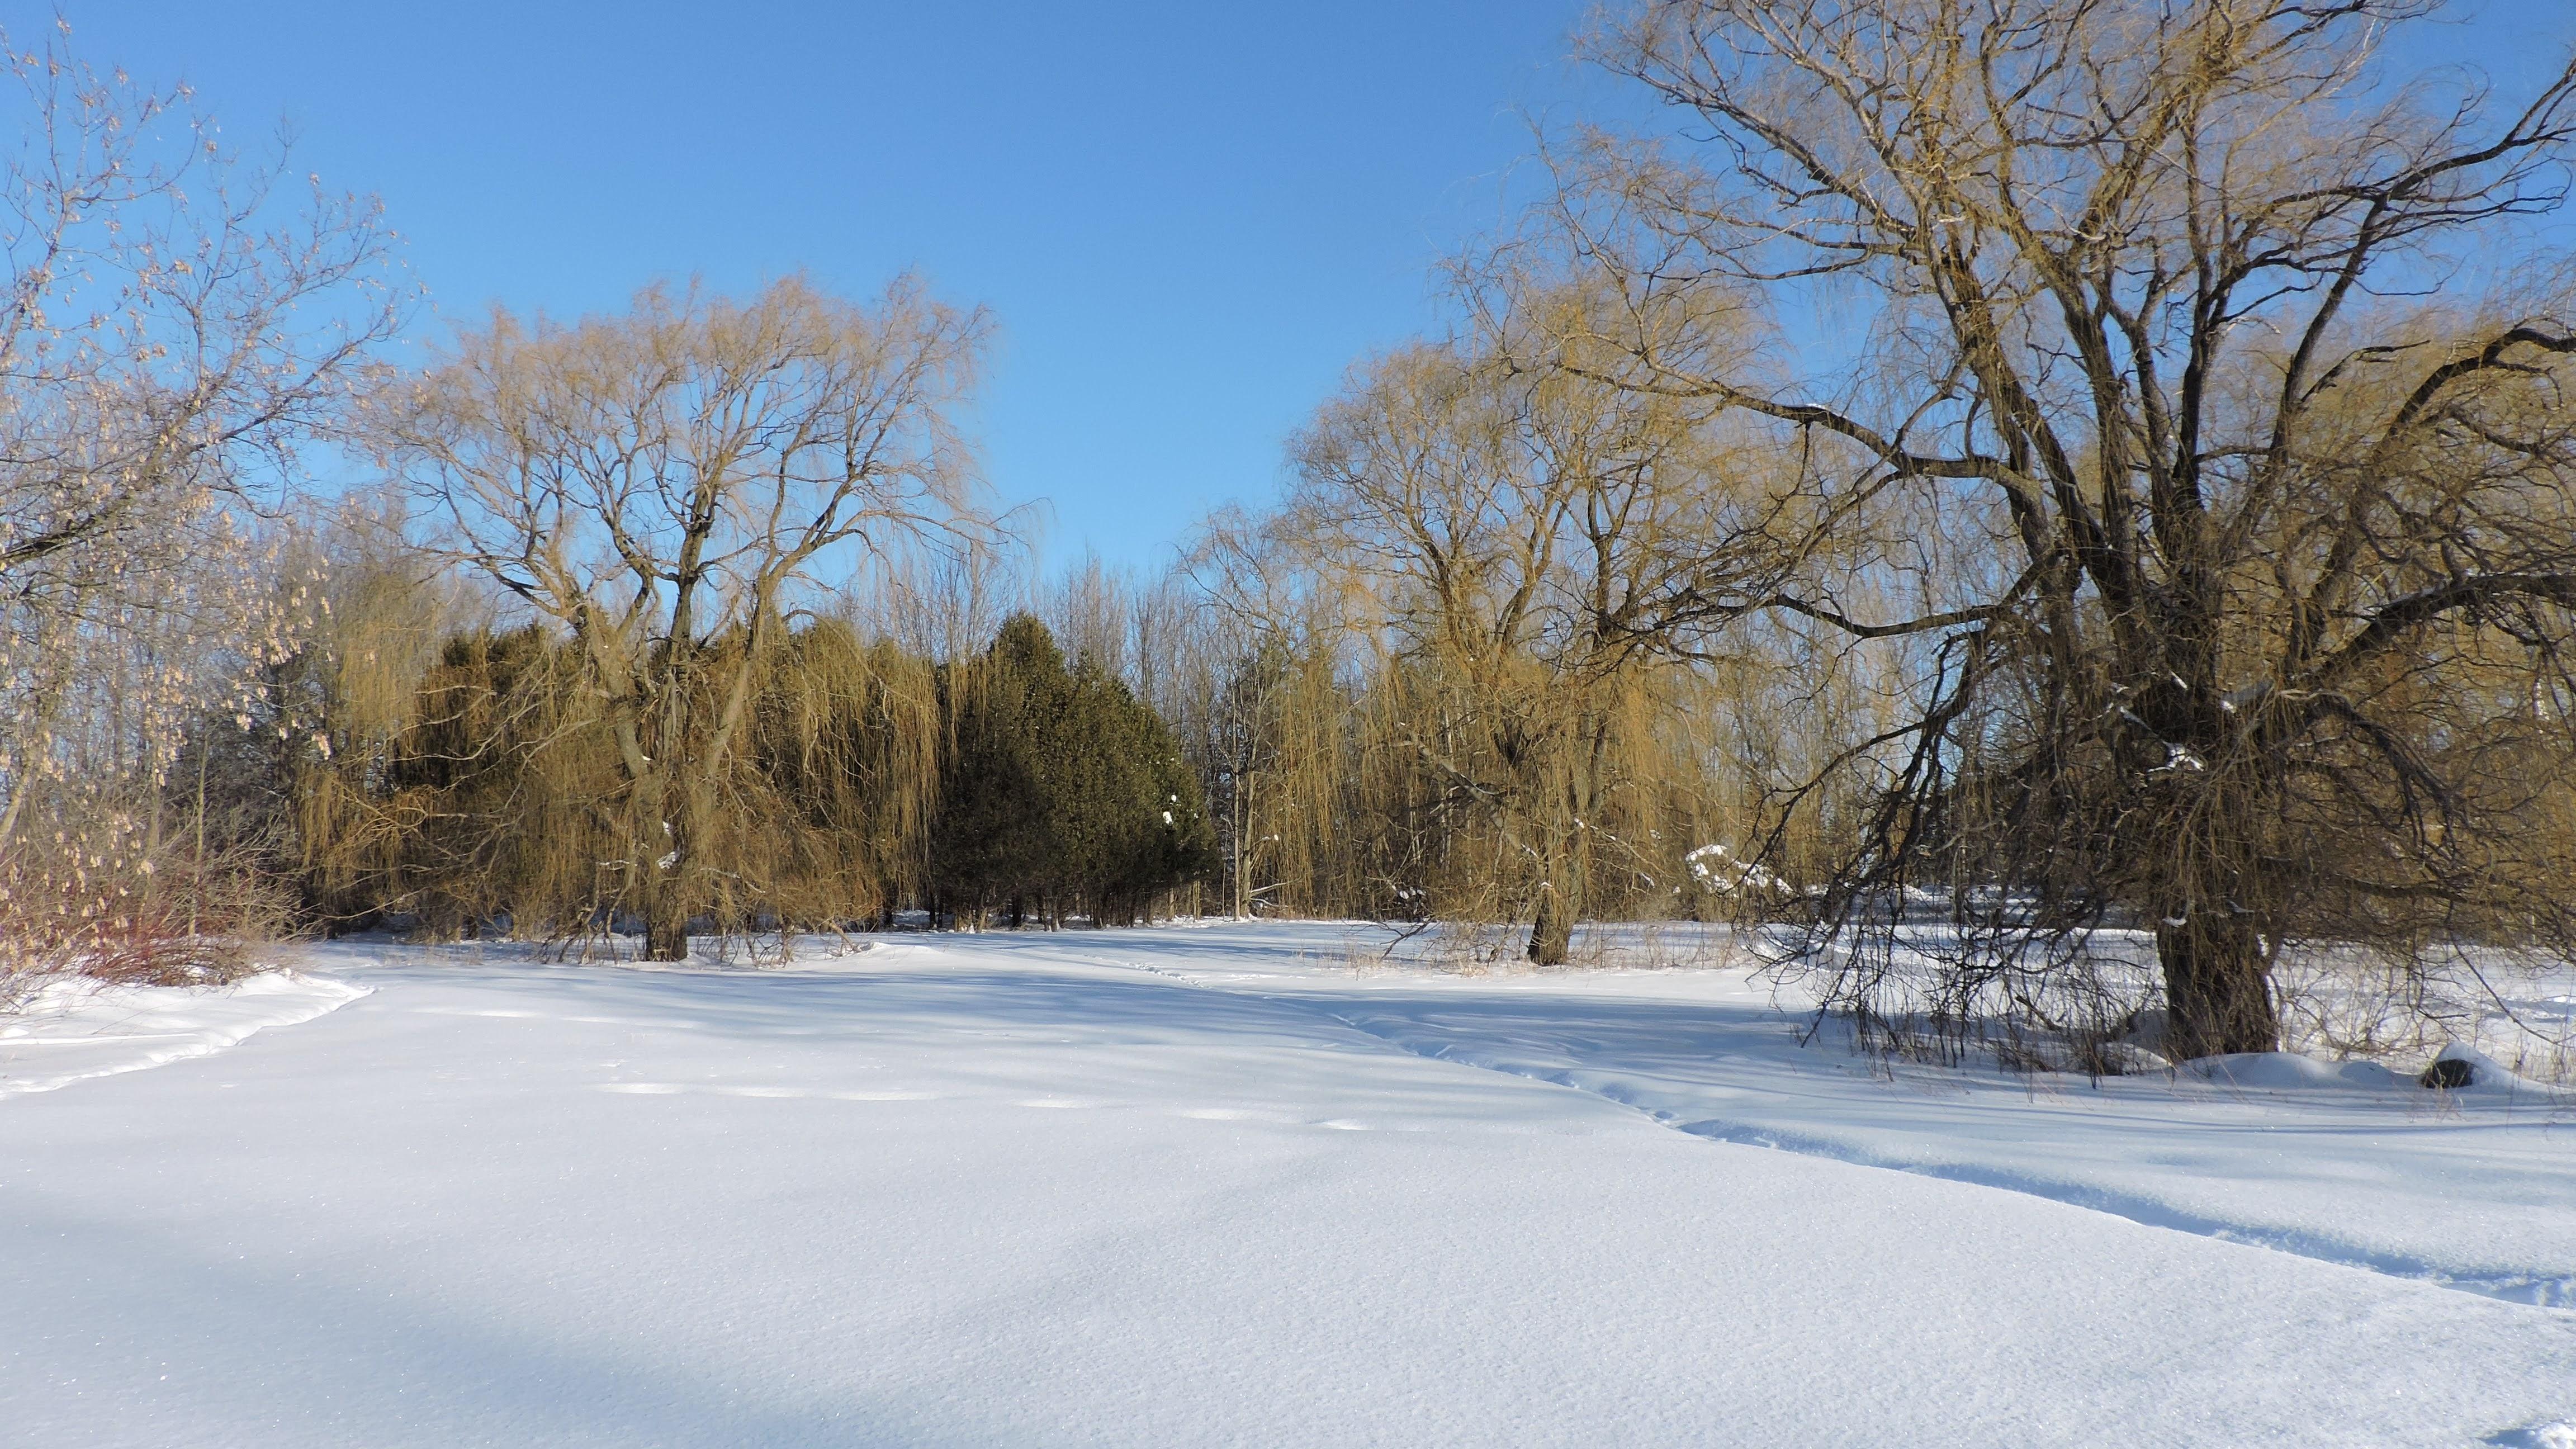 Parc-nature de Pointe-aux-prairies